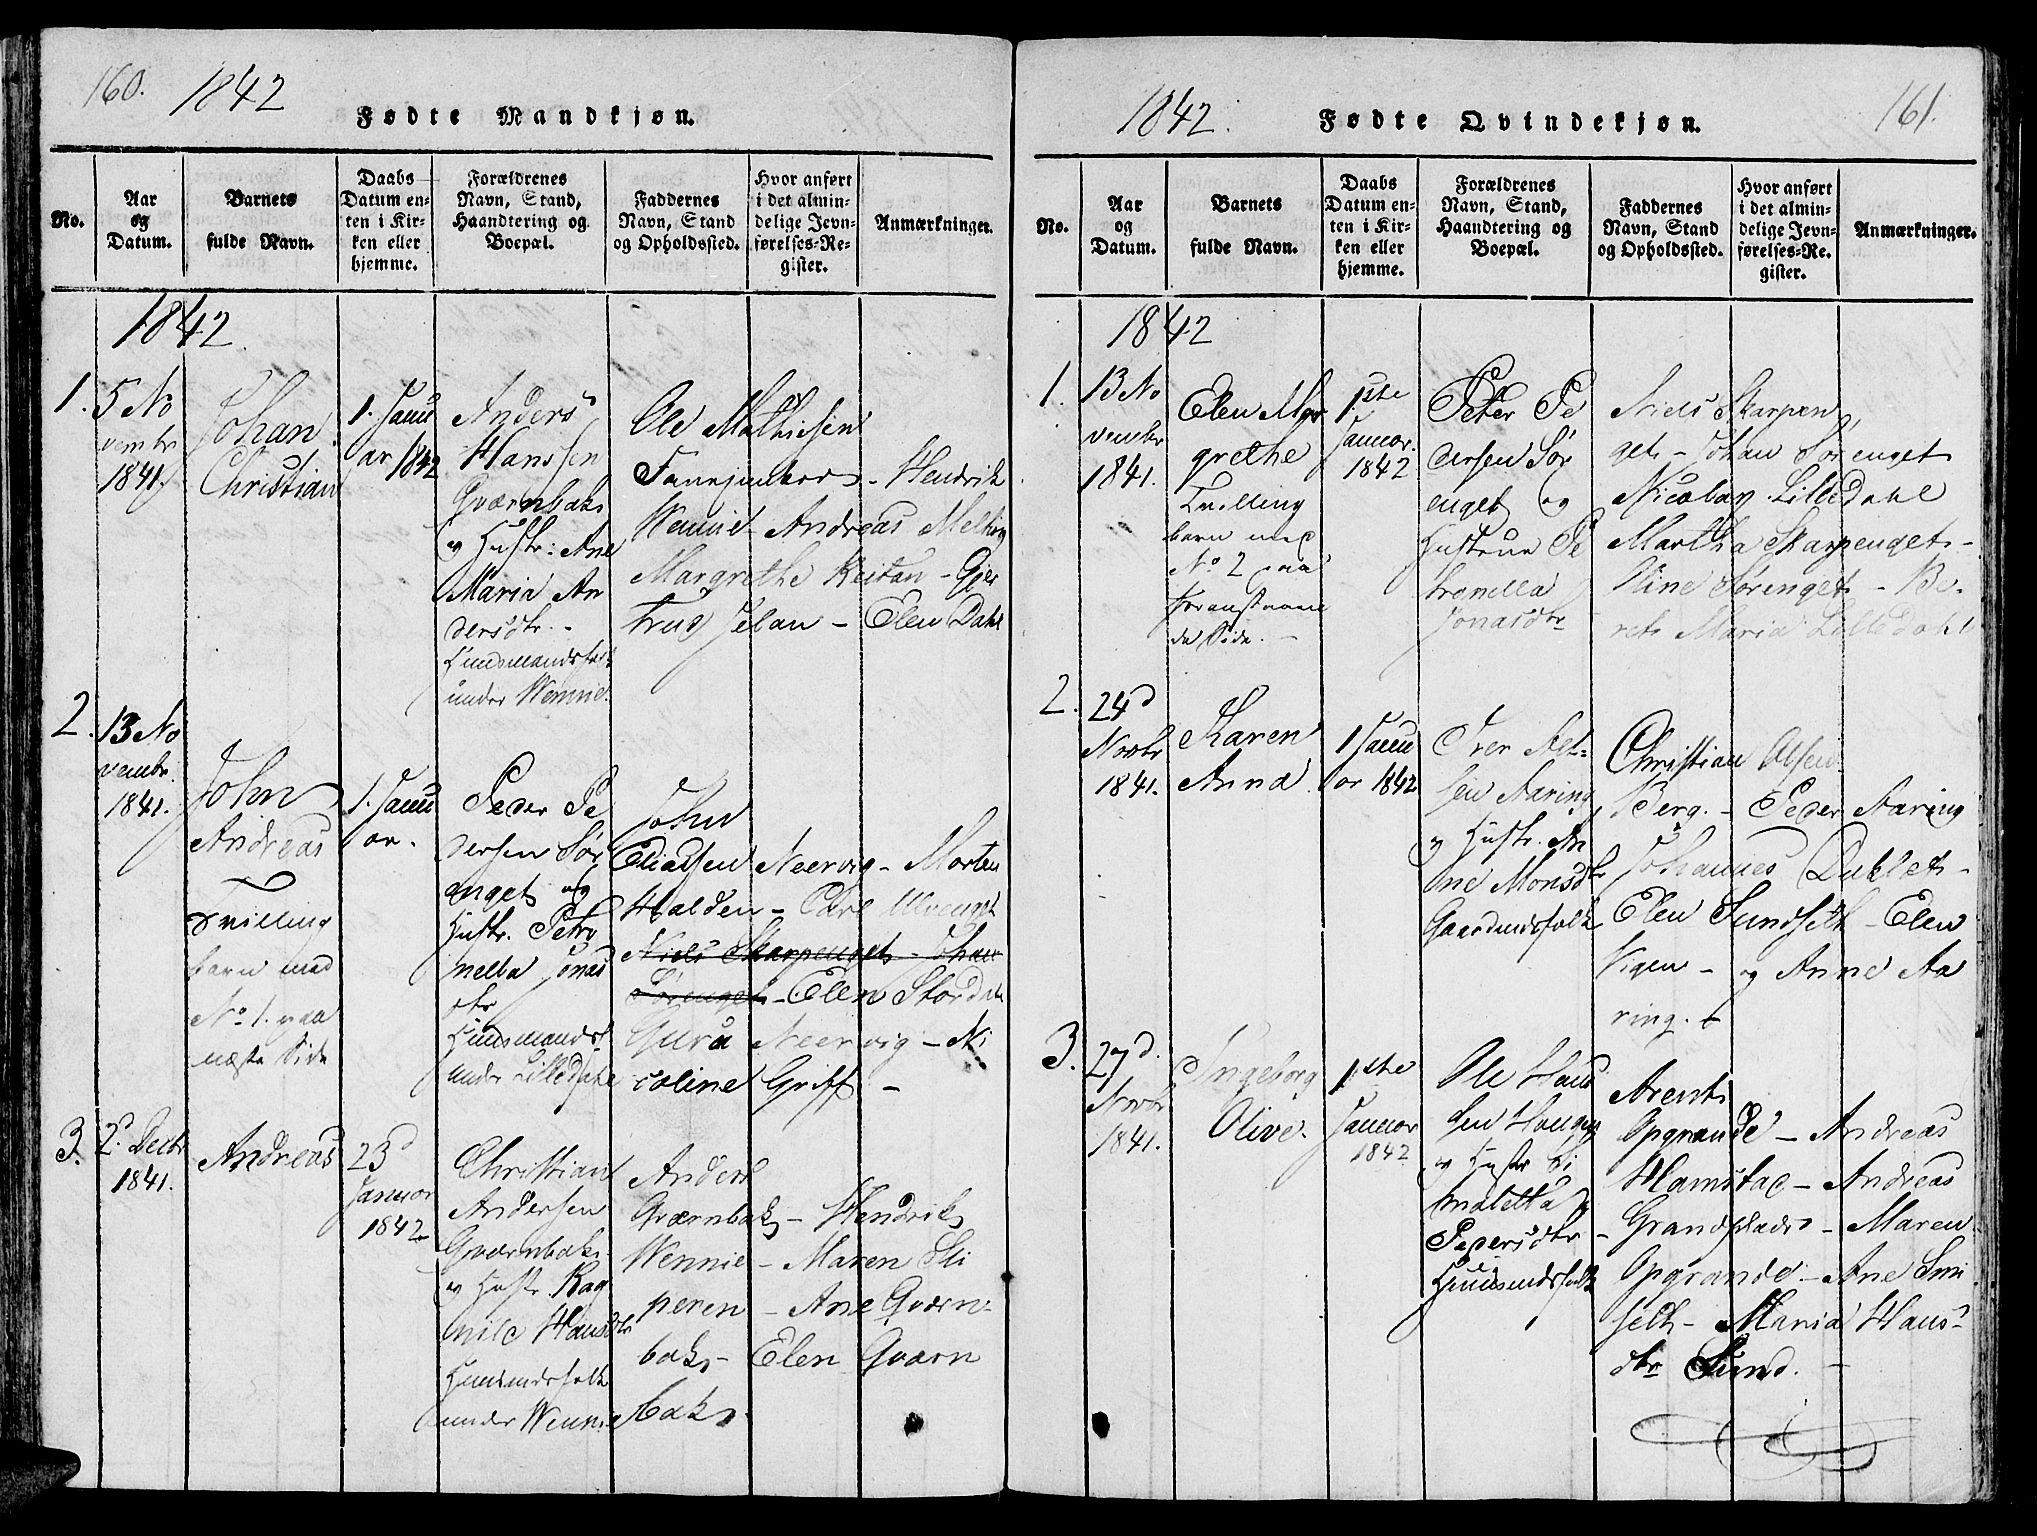 SAT, Ministerialprotokoller, klokkerbøker og fødselsregistre - Nord-Trøndelag, 733/L0322: Ministerialbok nr. 733A01, 1817-1842, s. 160-161